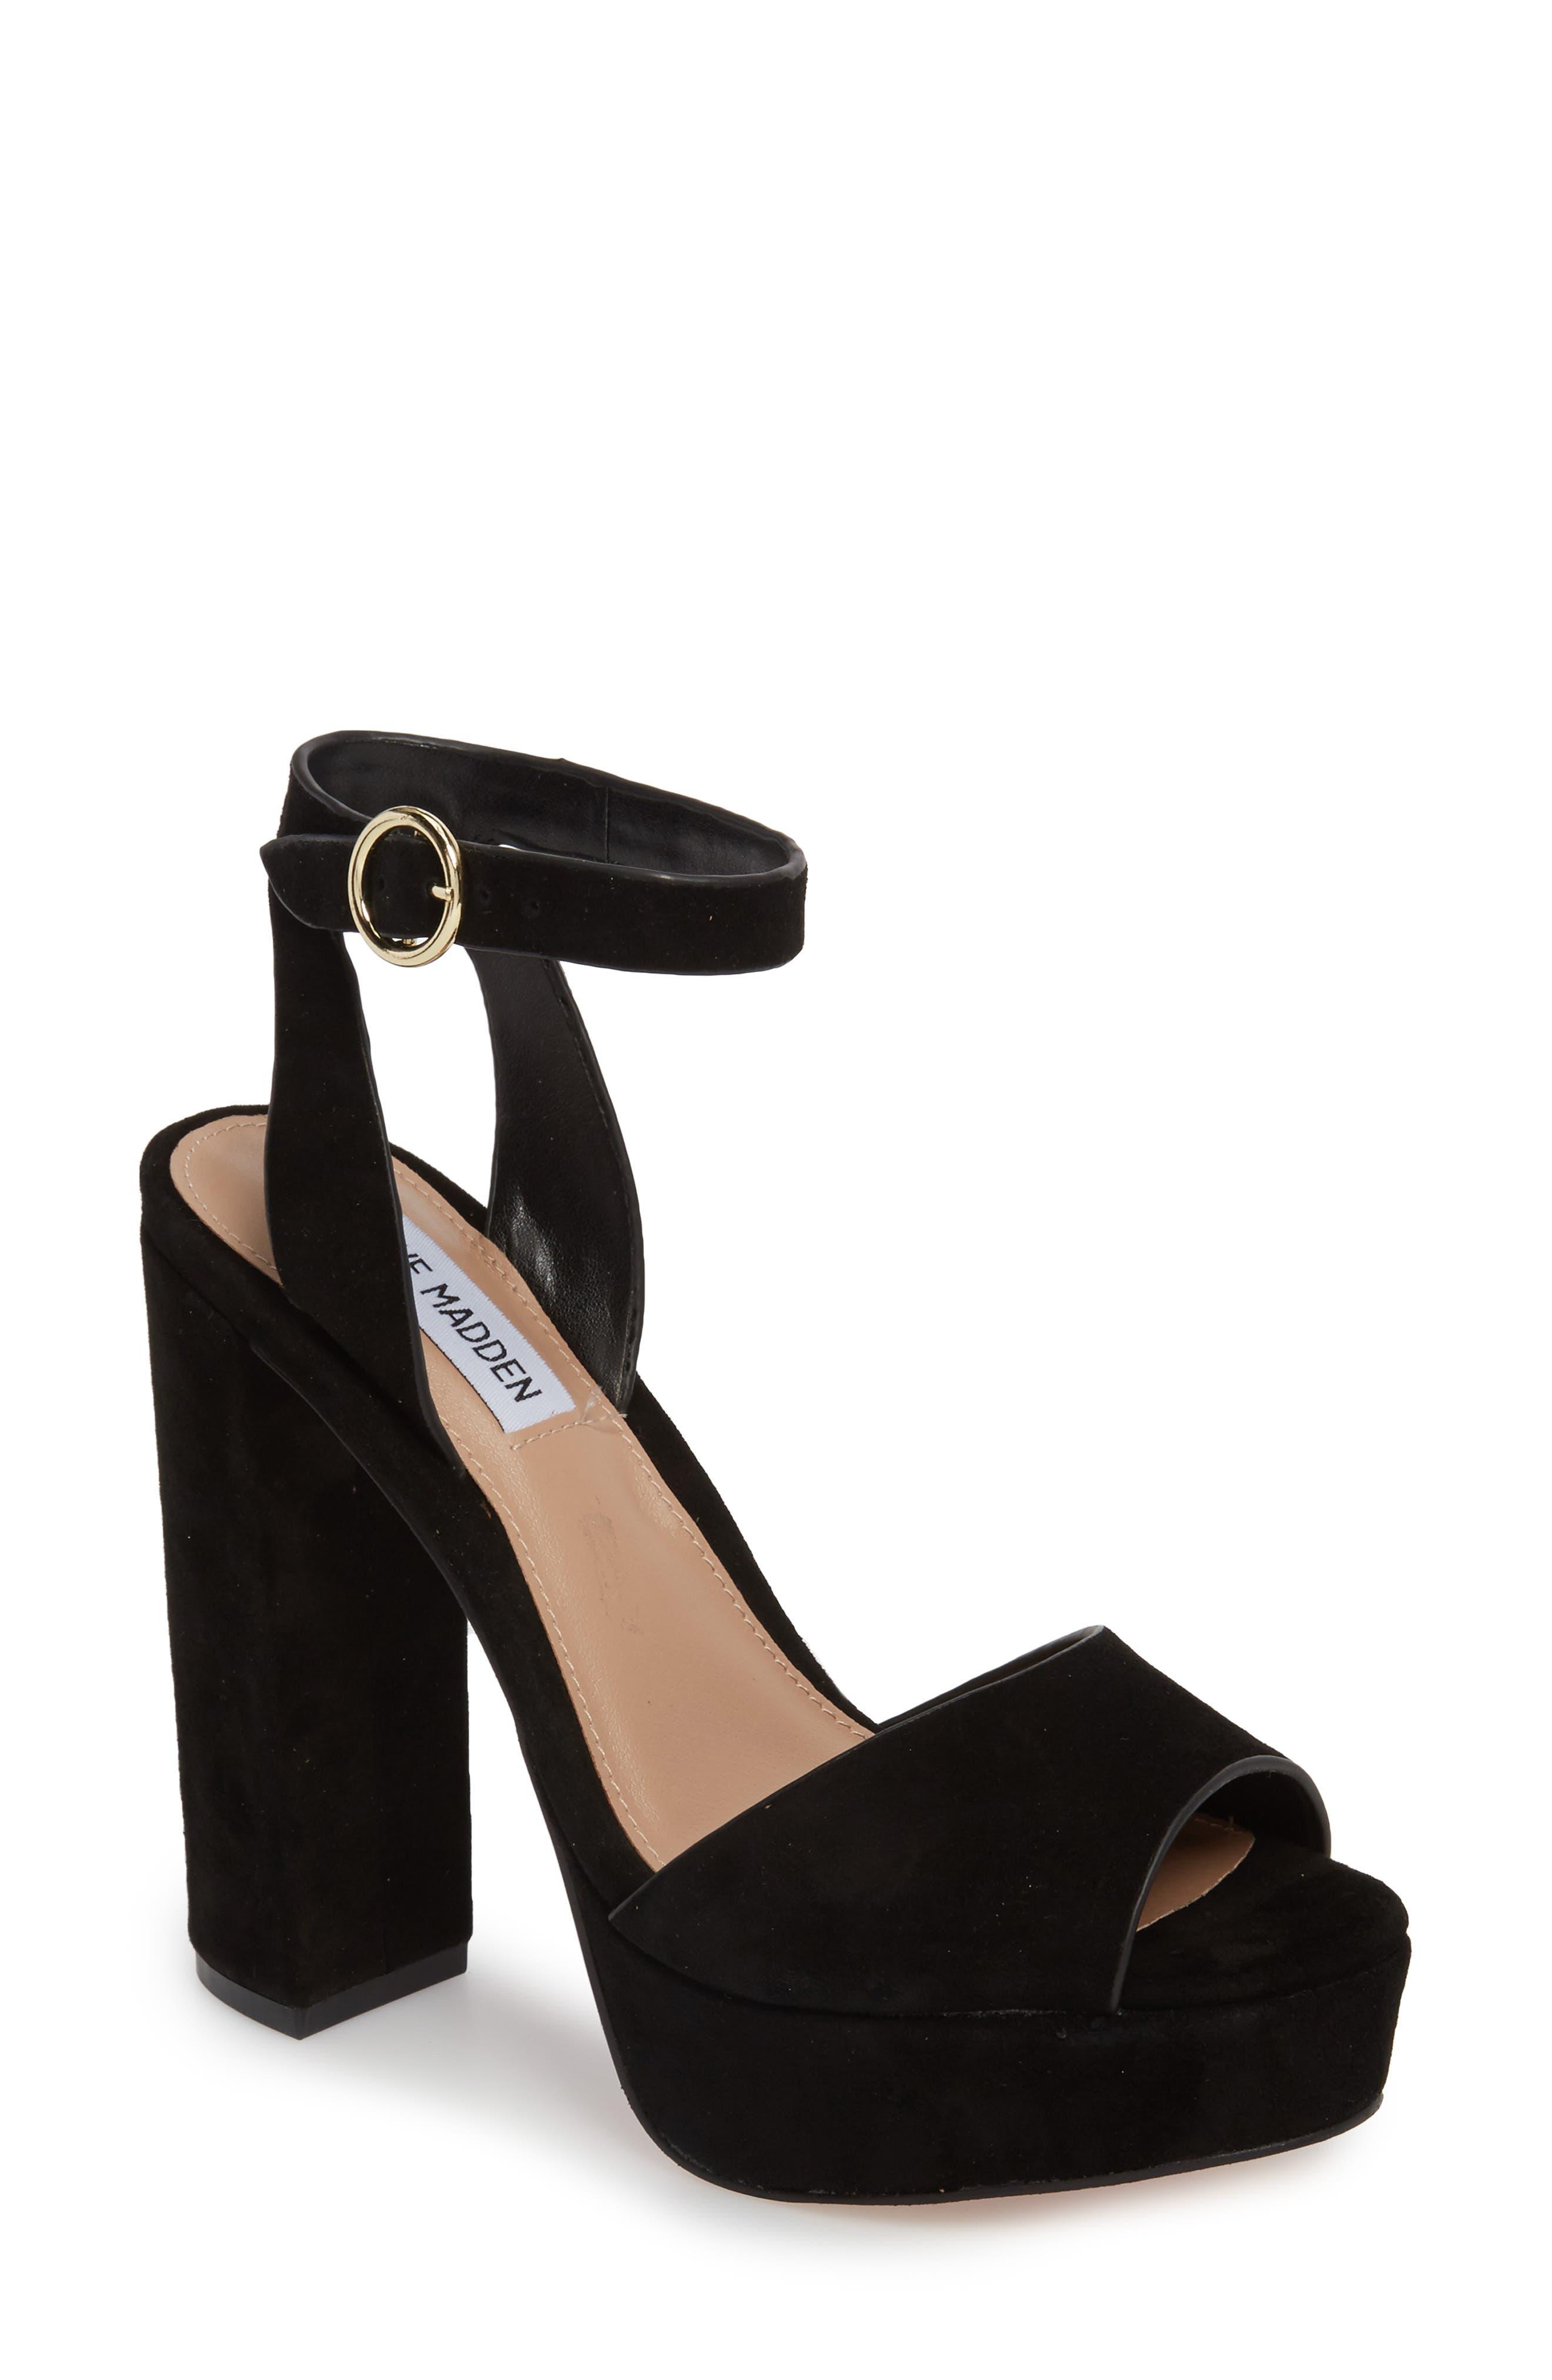 STEVE MADDEN, Madeline Platform Sandal, Main thumbnail 1, color, BLACK SUEDE